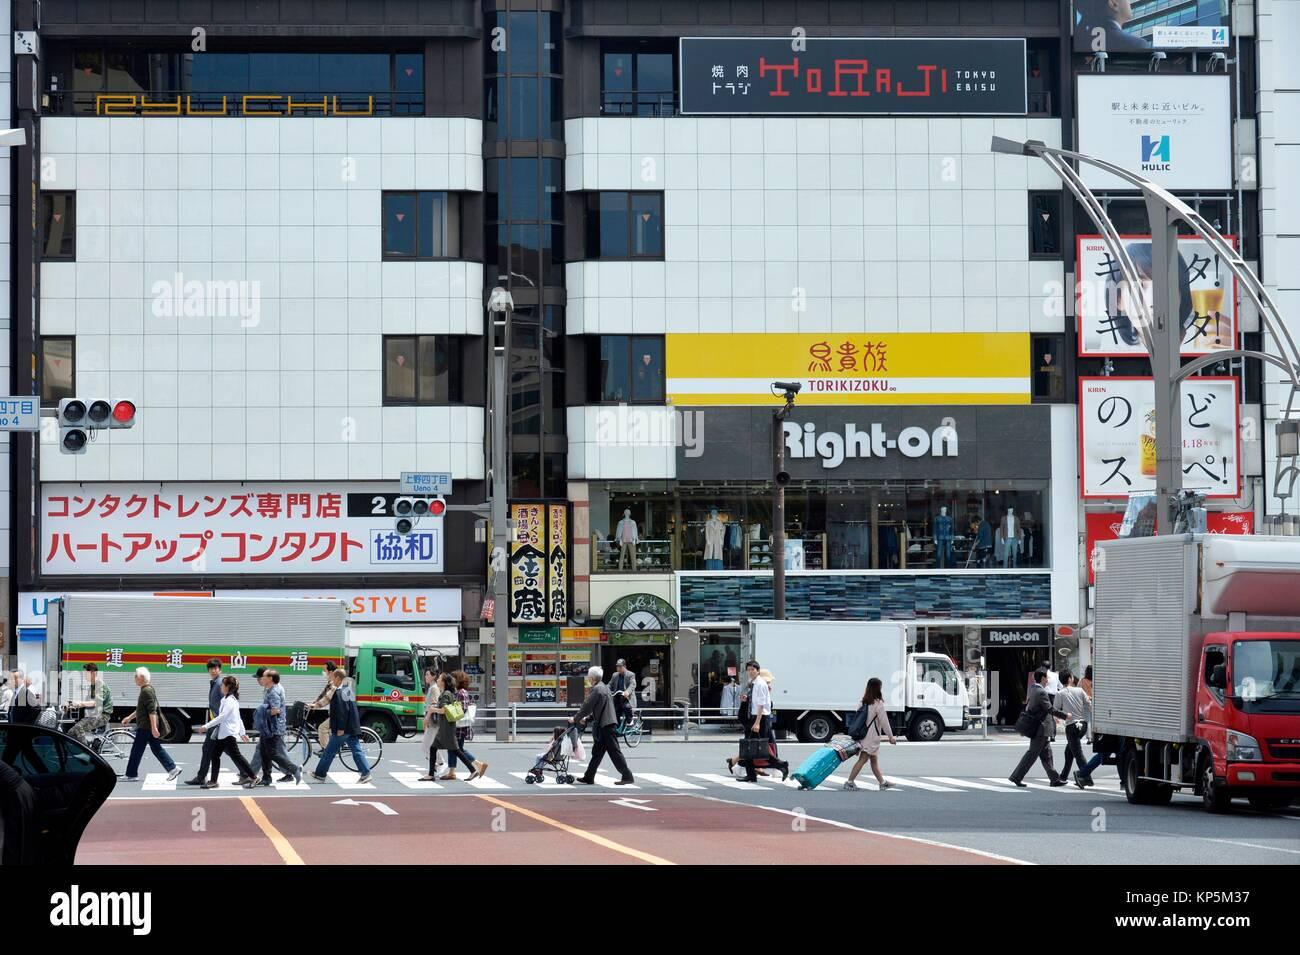 Une rue à Ueno, Tokyo, Japon, Asie. Photo Stock